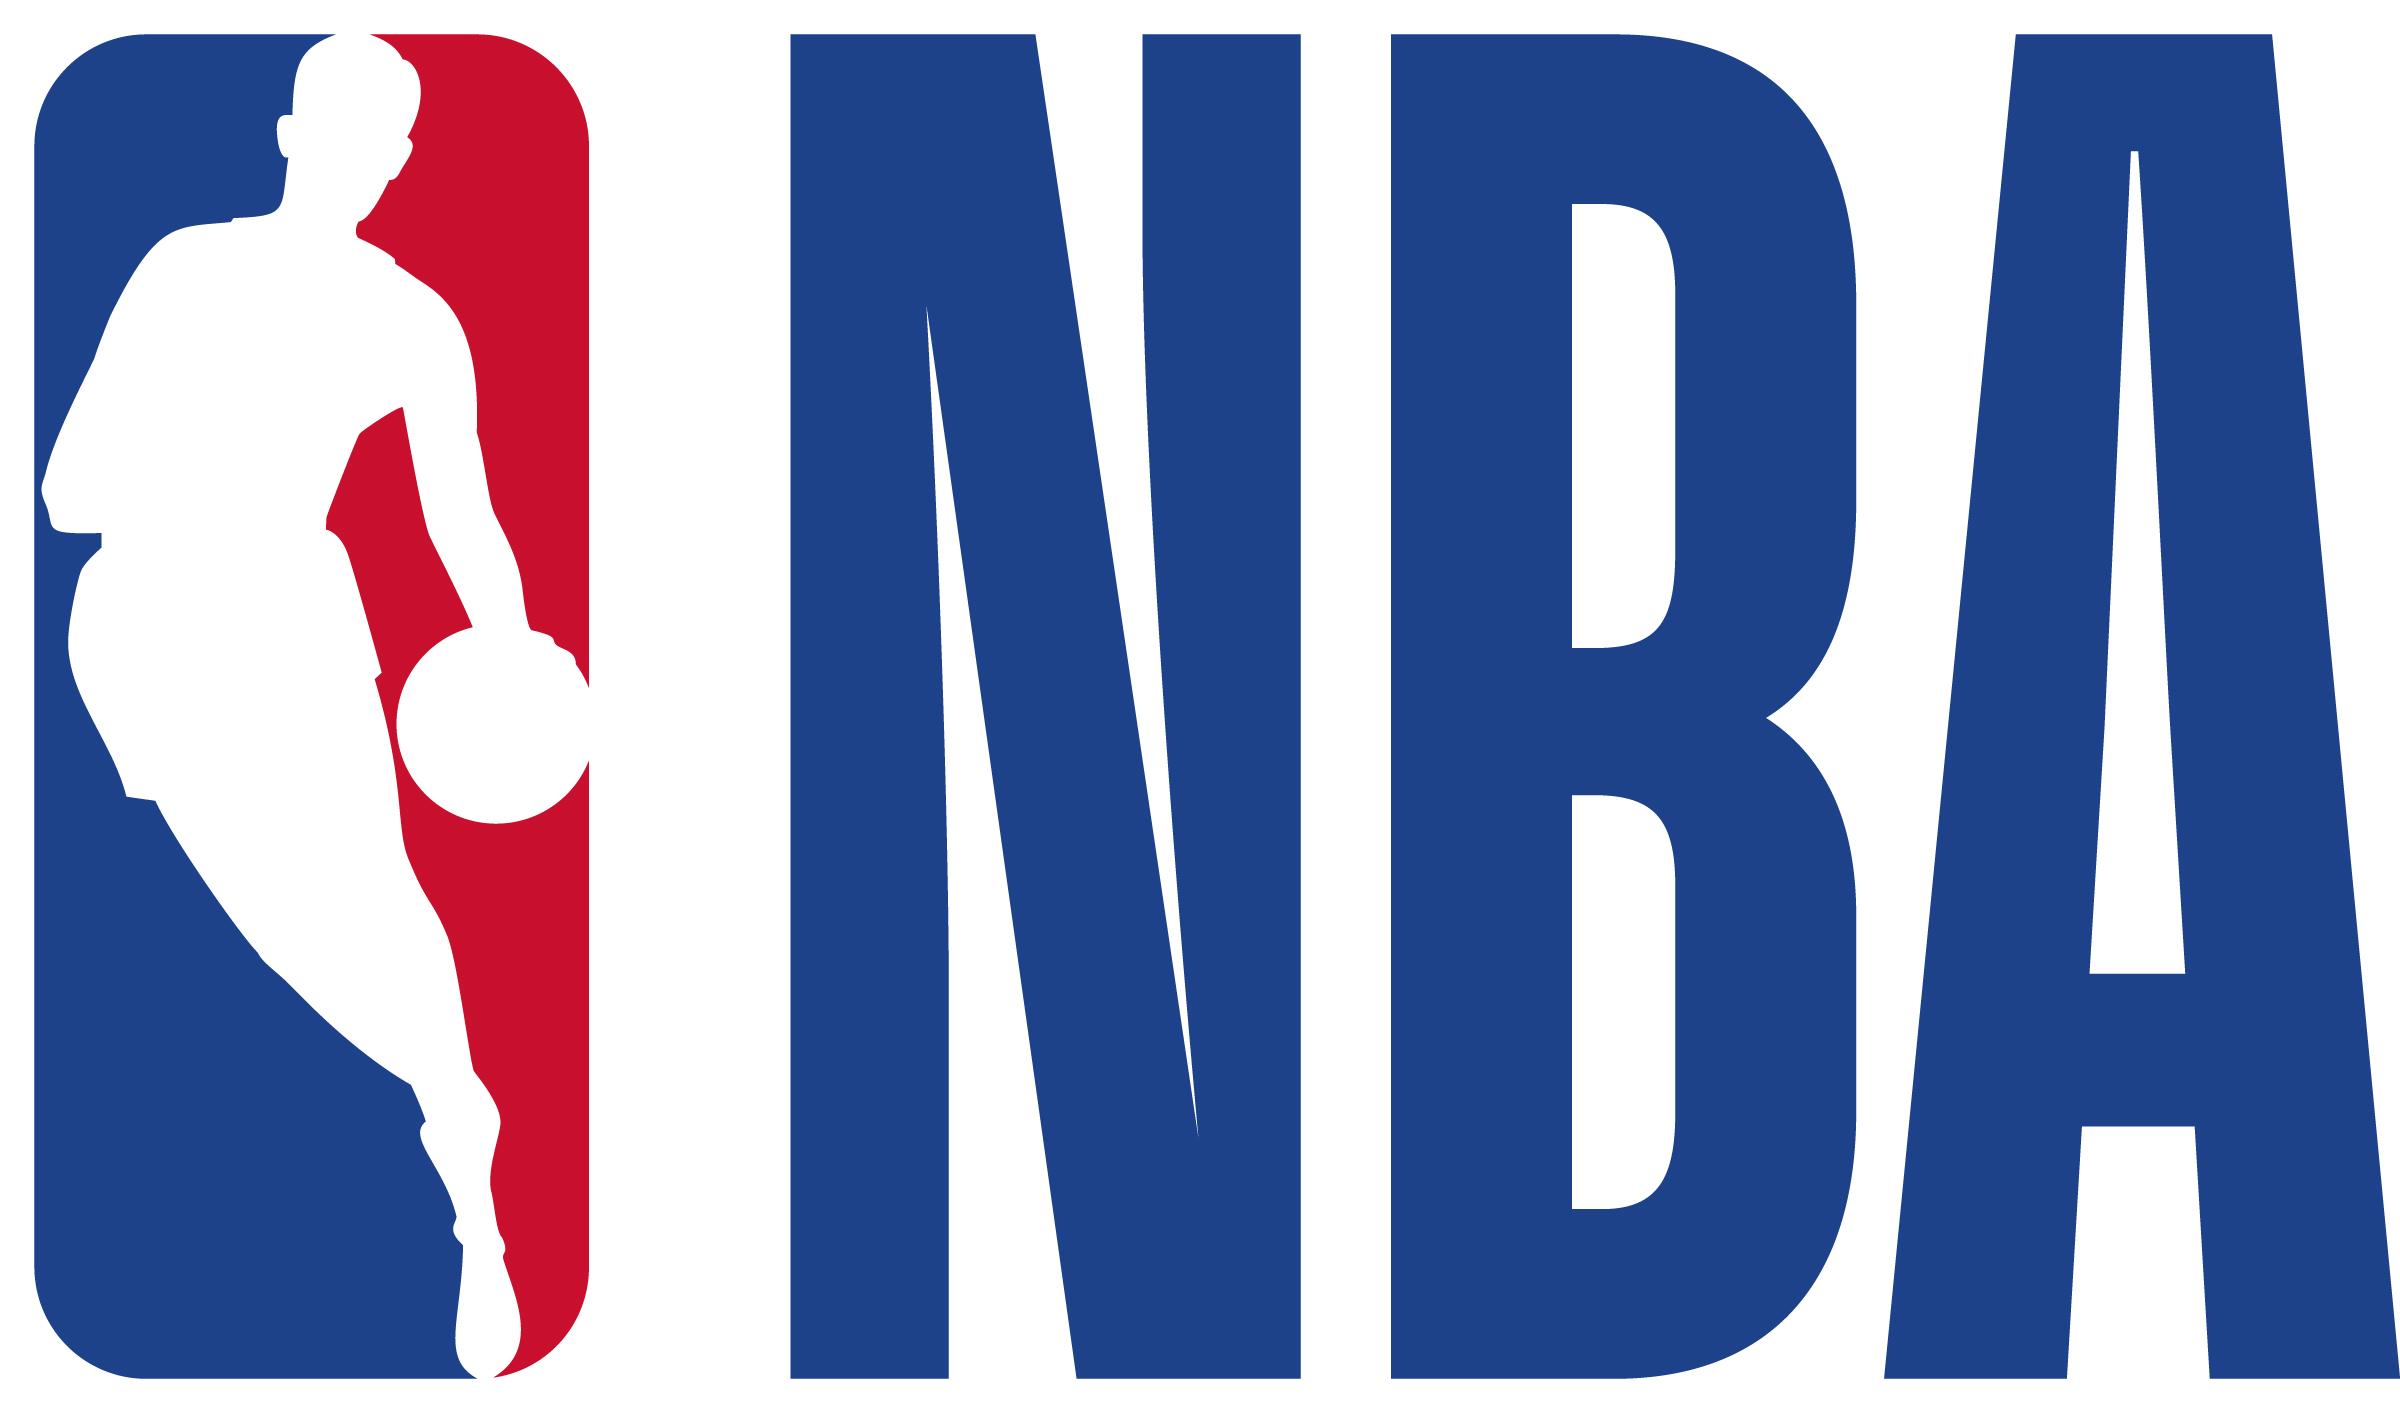 巨量引擎与NBA强强联合,体育短视频营销再升级